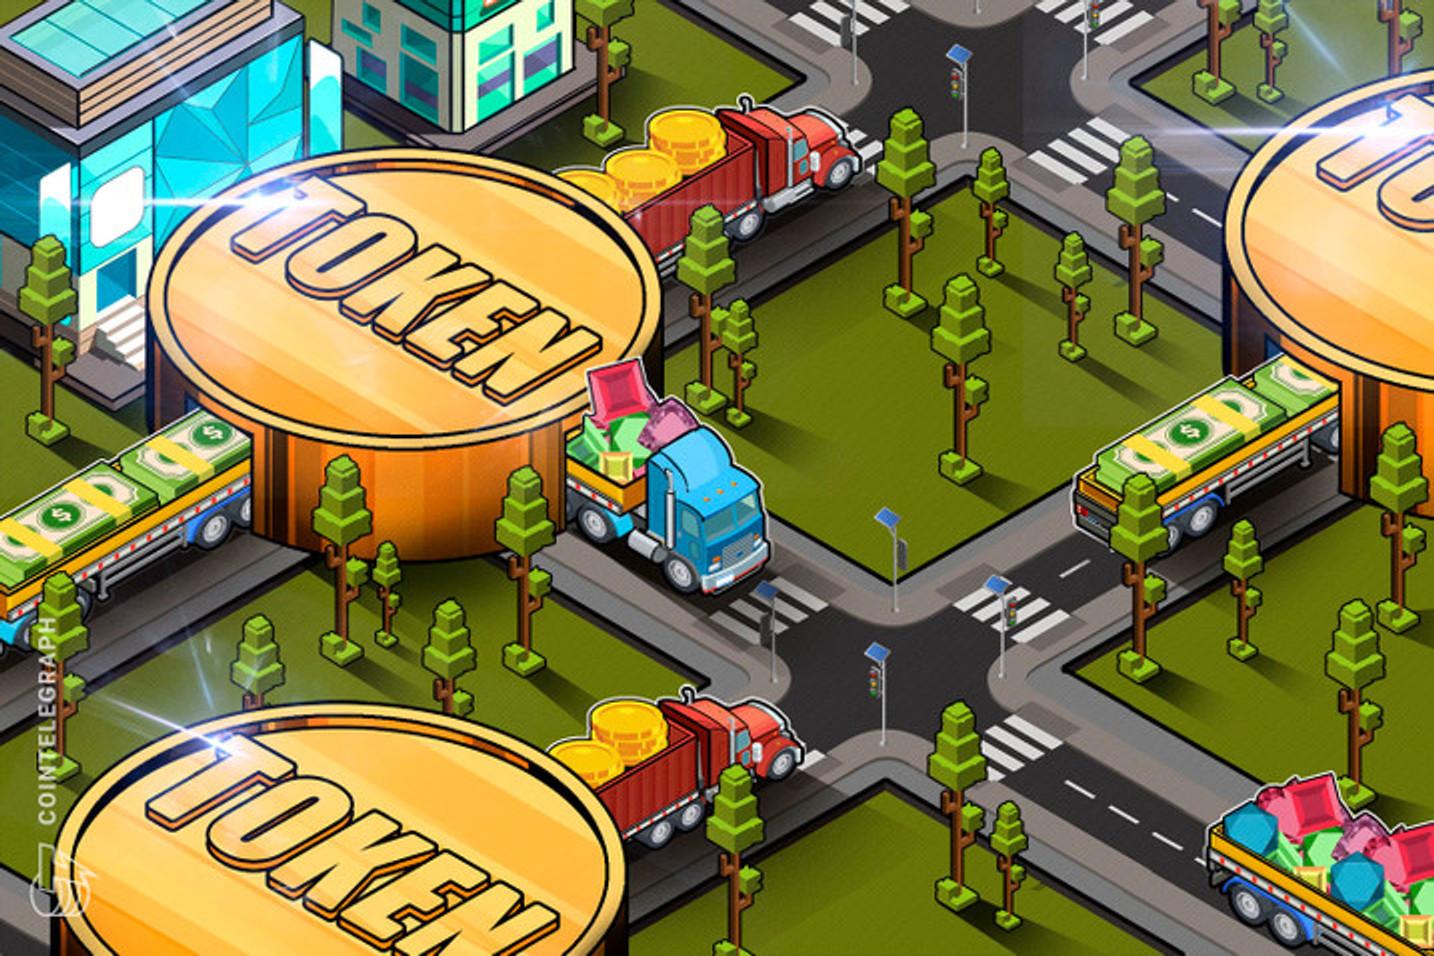 ¿Cuáles son las utilidades y los beneficios de la tokenización?